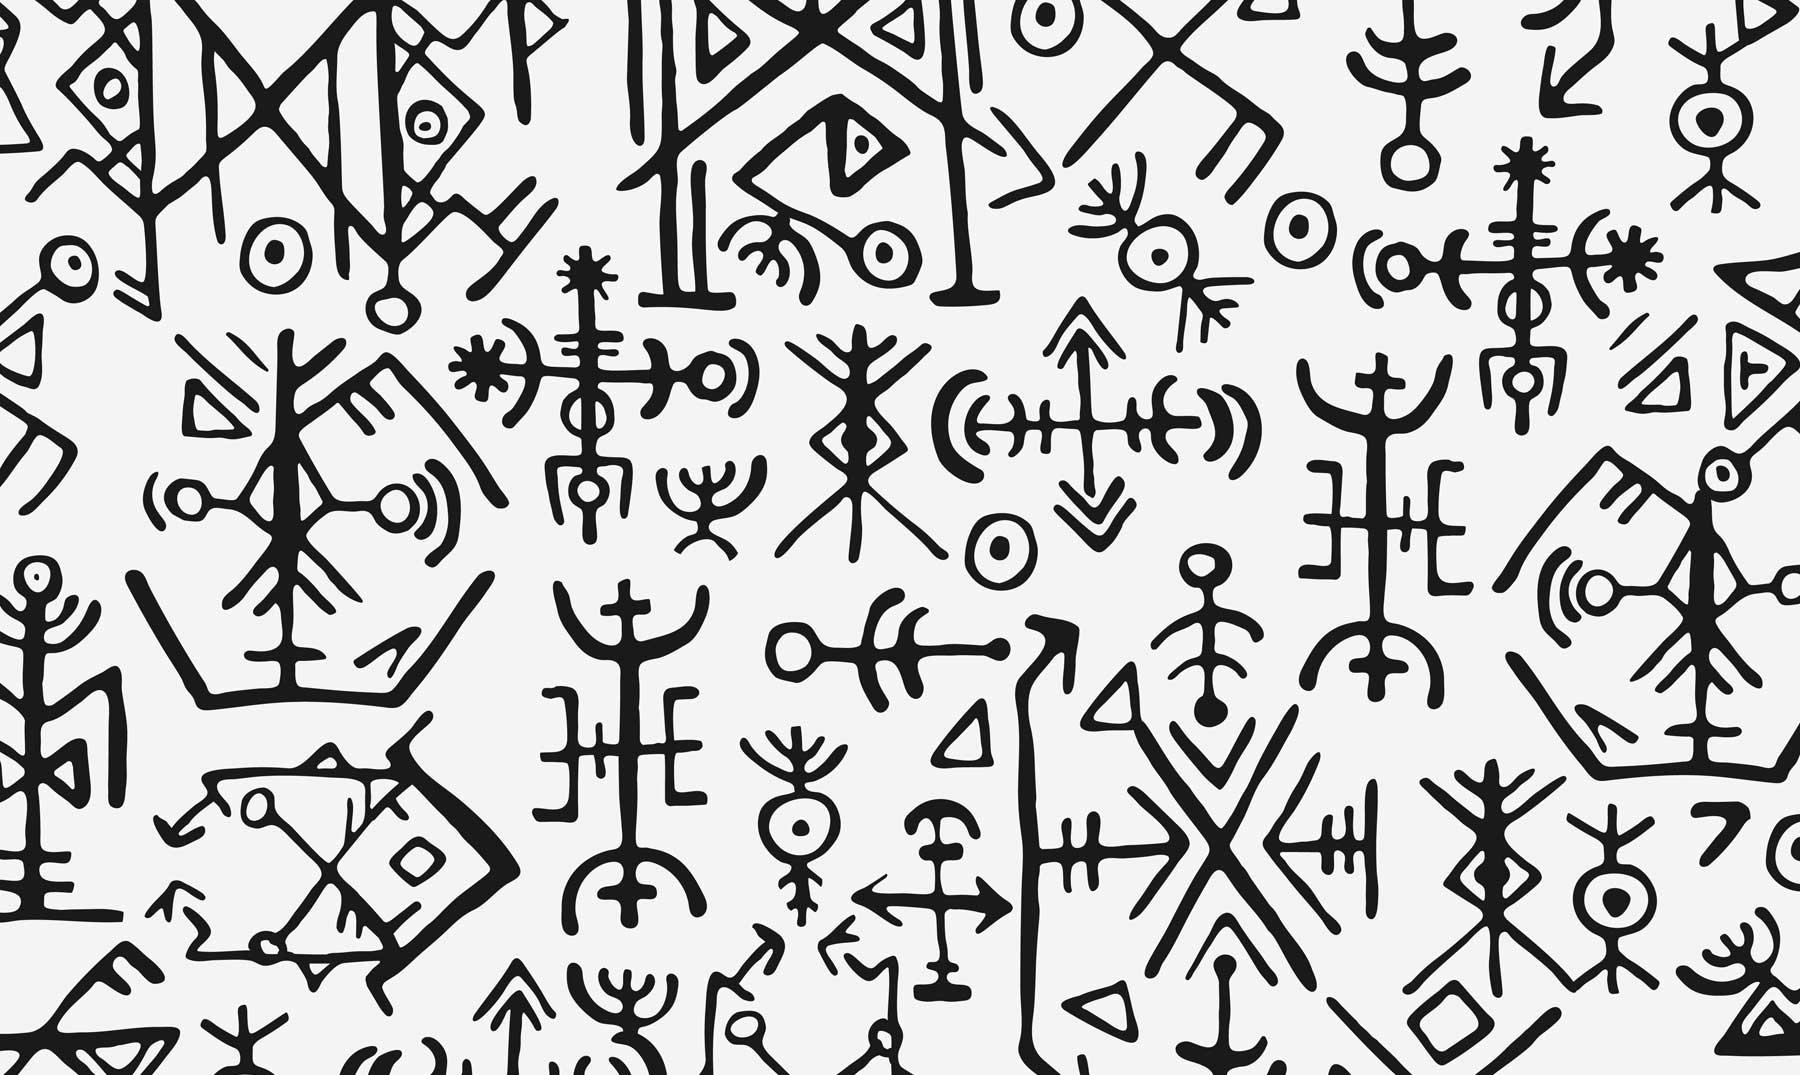 10 Símbolos Vikingos Muy Llamativos Los Conocías